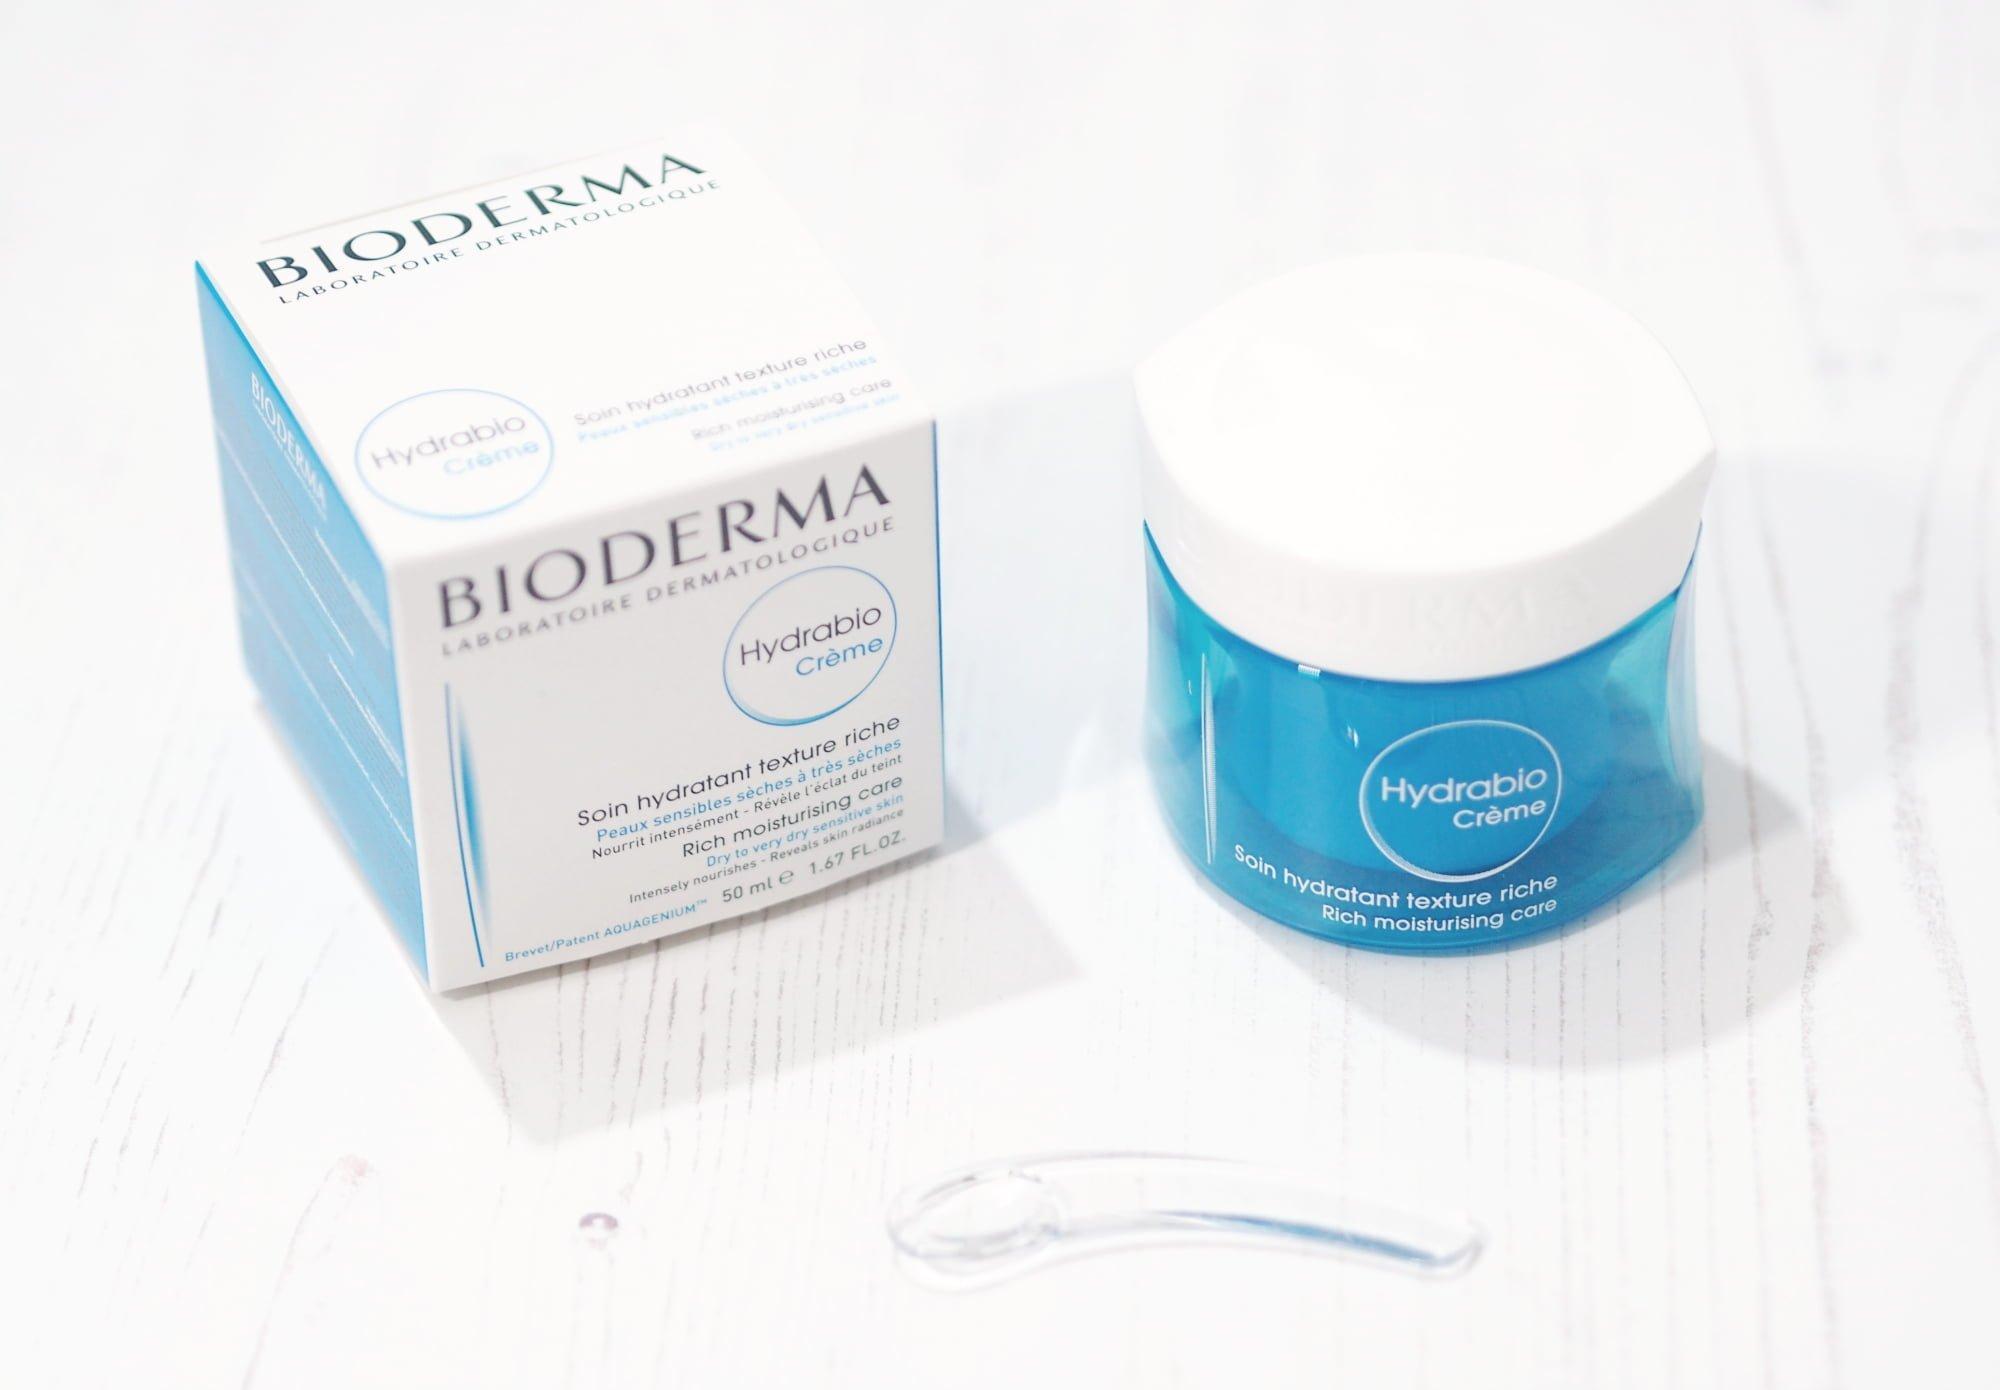 Thiết kế của kem dưỡng ẩm Bioderma Hydrabio Creme dễ dàng chinh phục trái tim của các nàng